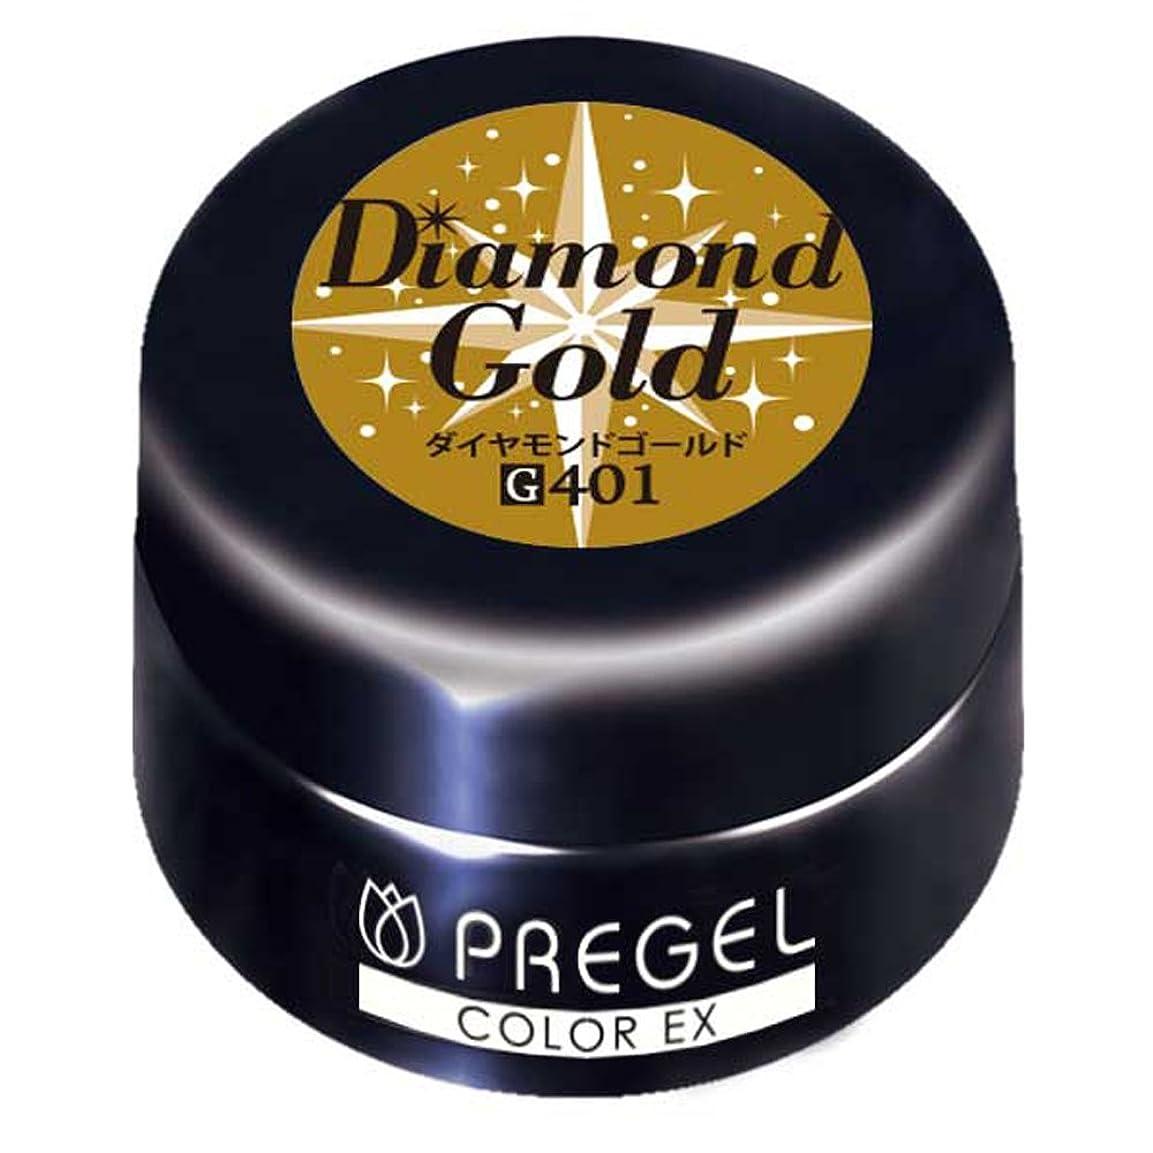 アラスカ好き慣習PRE GEL カラーEX ダイヤモンドゴールドCE401 UV/LED対応 カラージェル